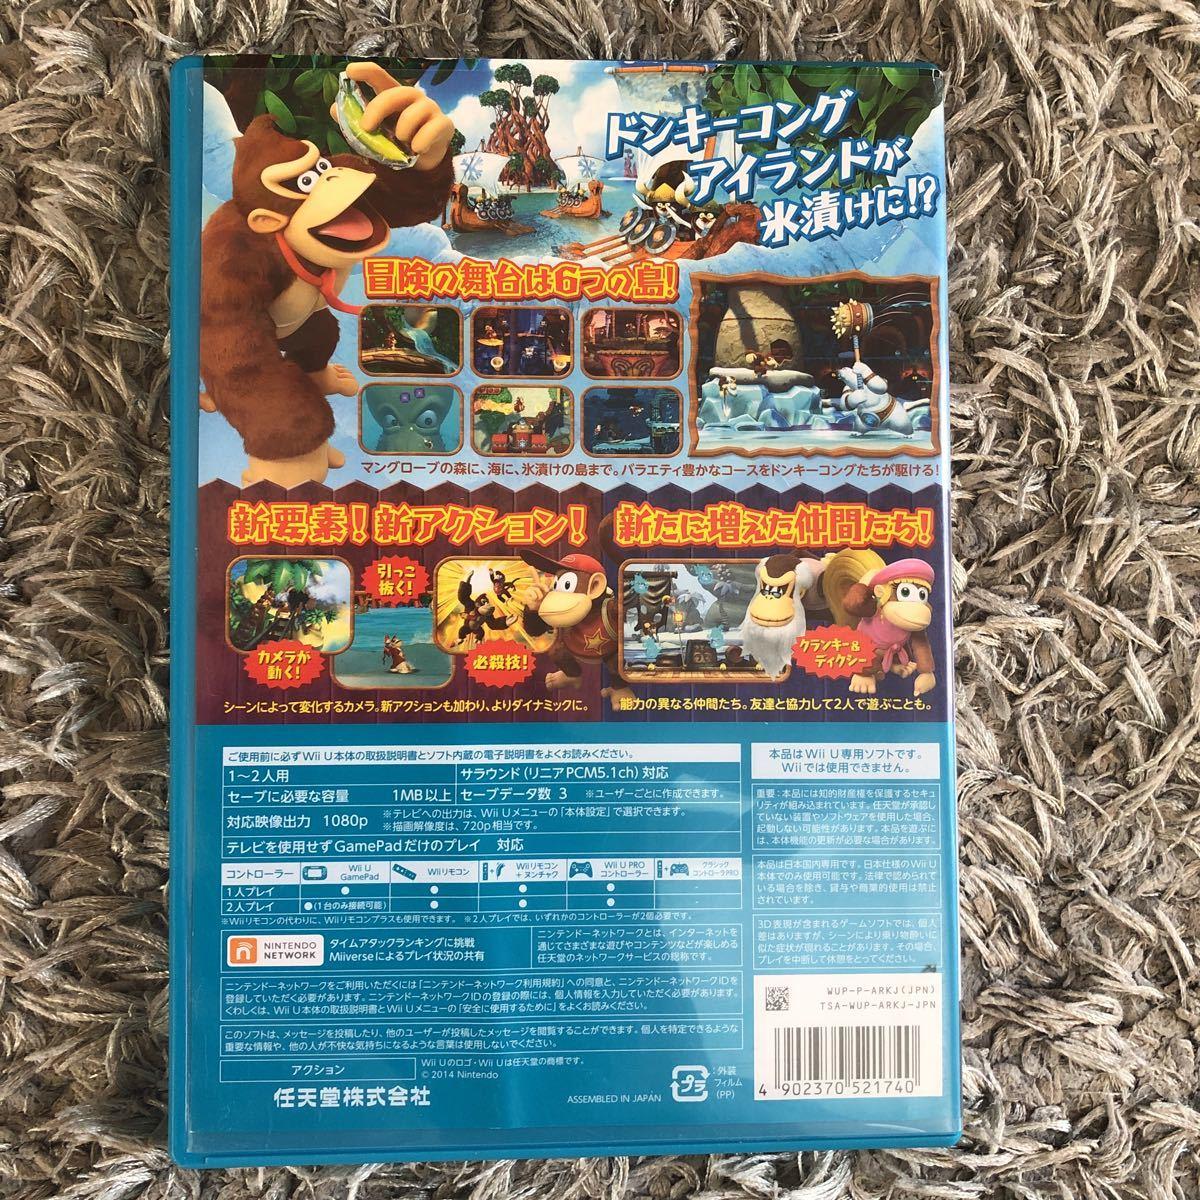 ドンキーコングトロピカルフリーズ WiiU ソフト _画像2